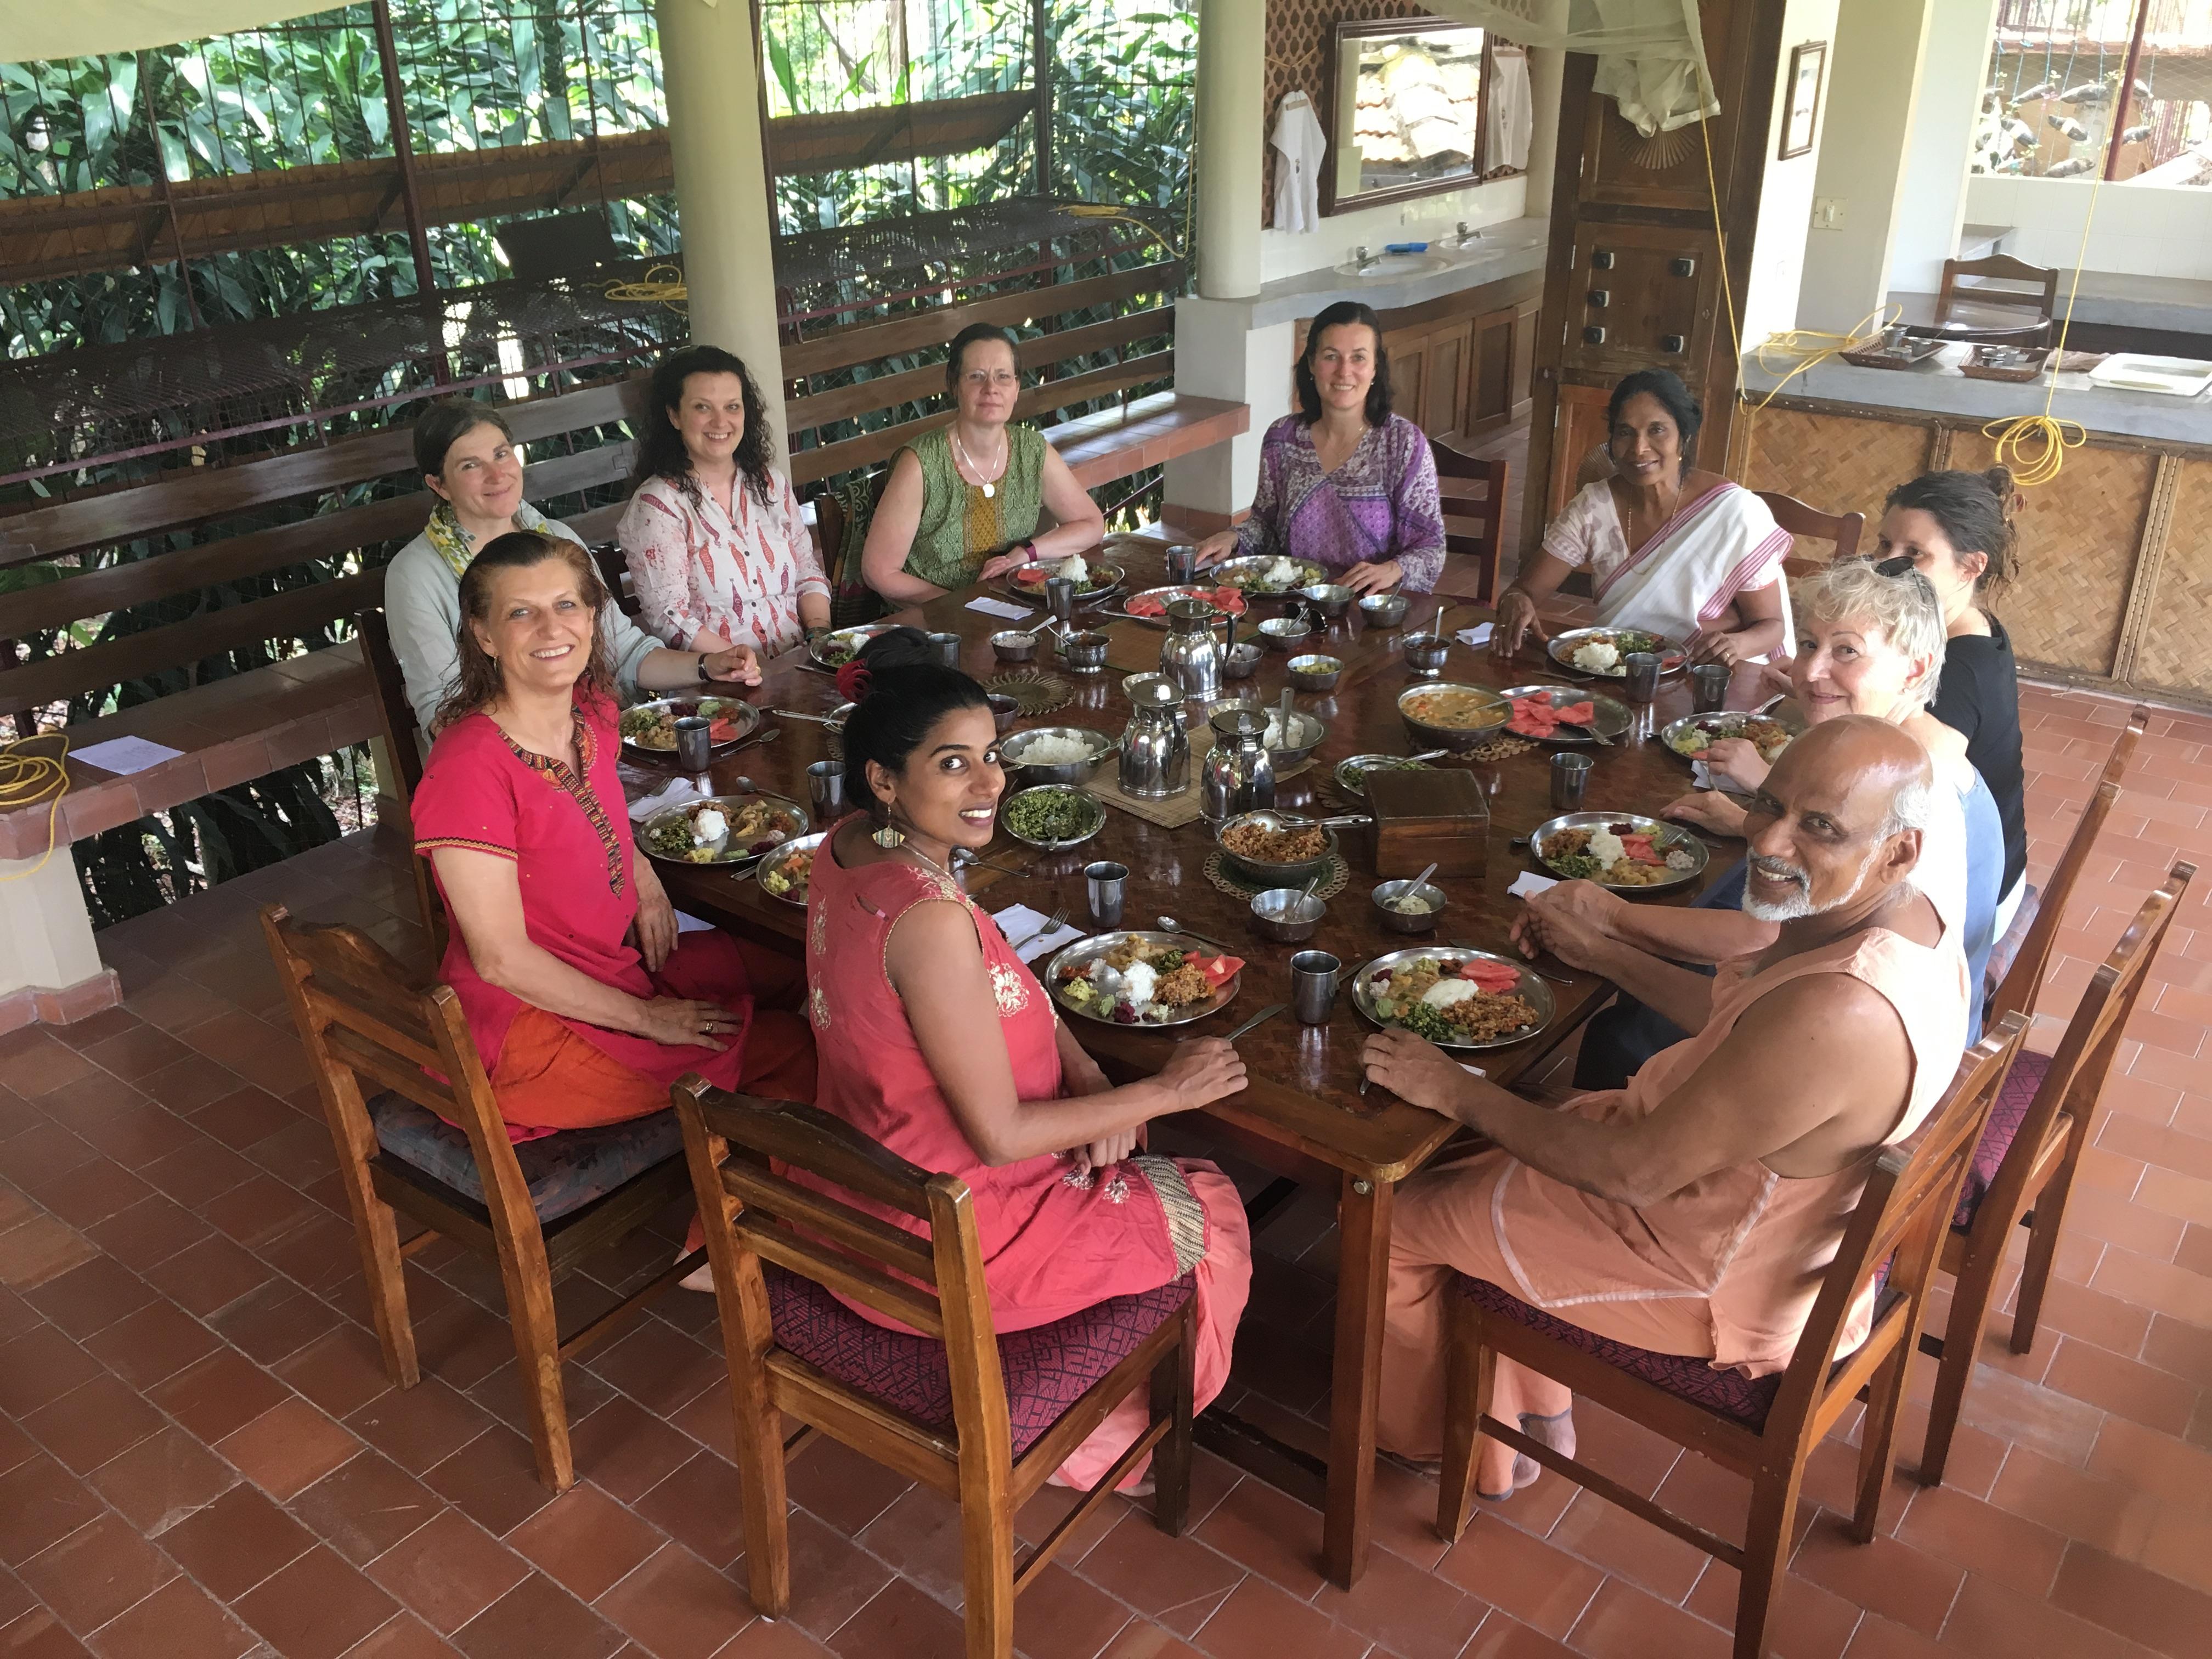 ...das zusammen Essen und geniesen all dieser köstlichen Speisen war besonders schön und einmalig